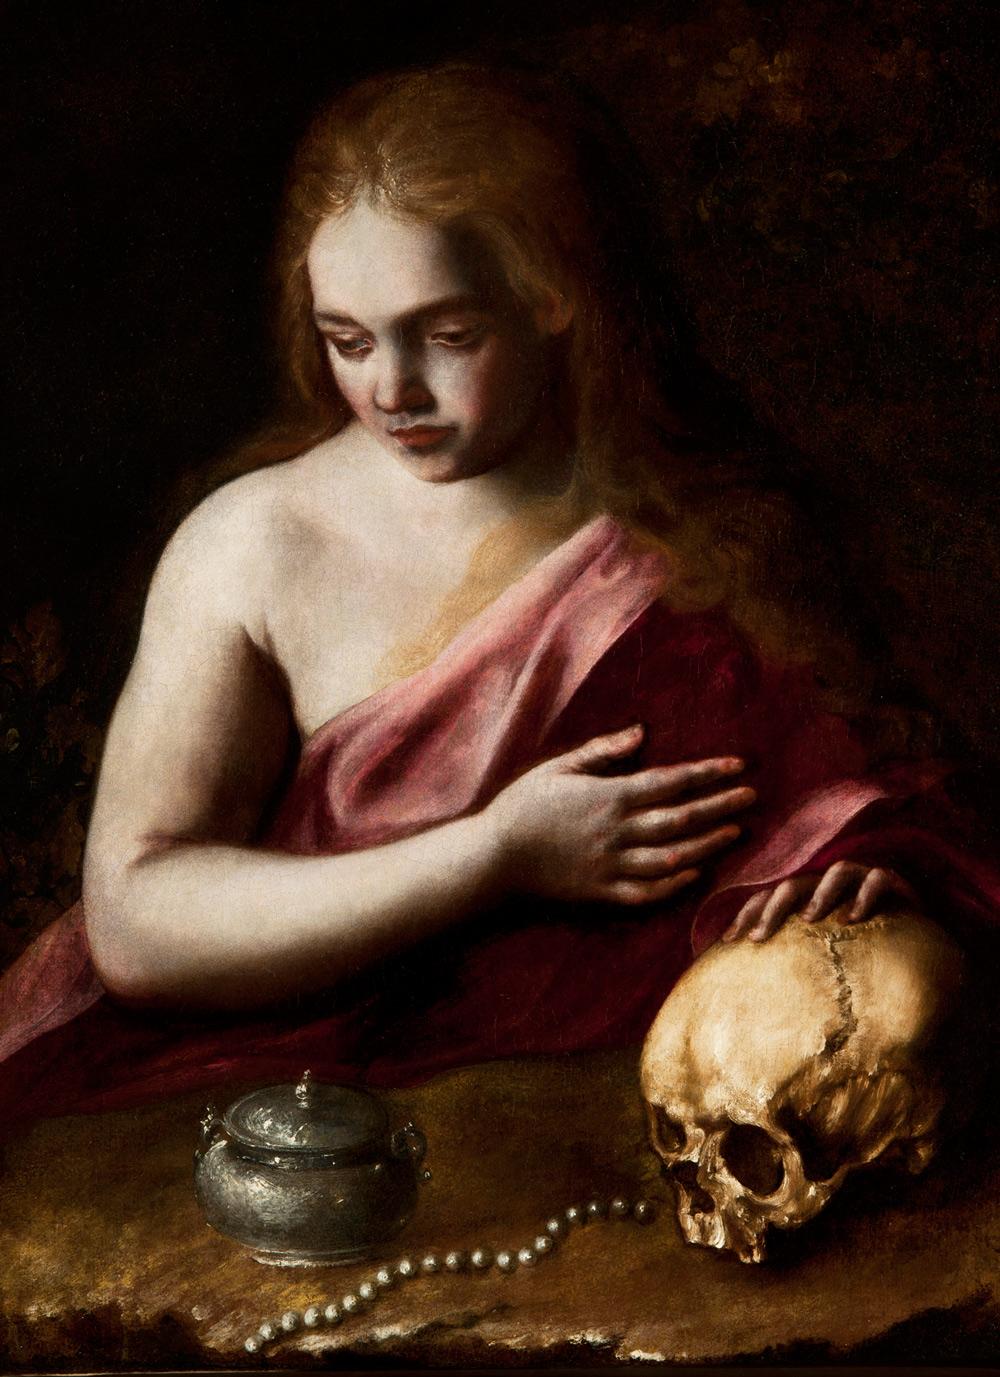 Bartolomeo Guidobono, Maddalena (1670-1675 circa; olio su tela, 80 x 58 cm; Collezione privata)